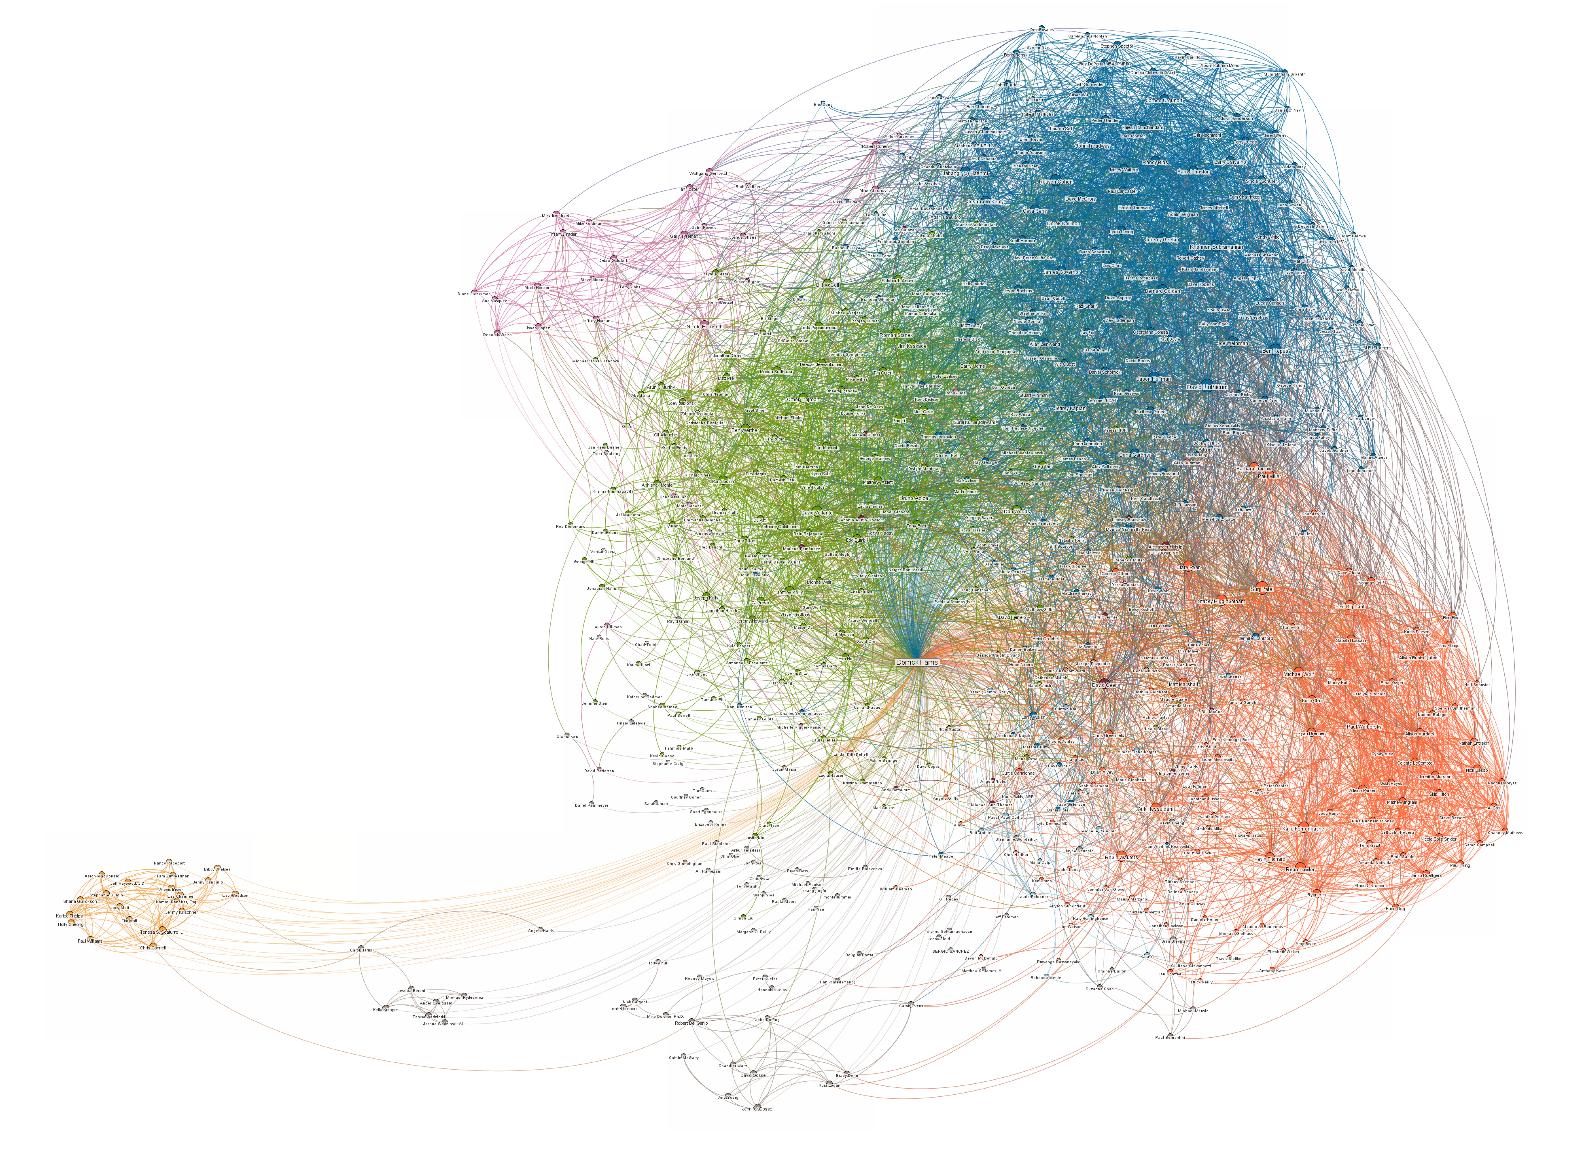 simulaciones data-driven